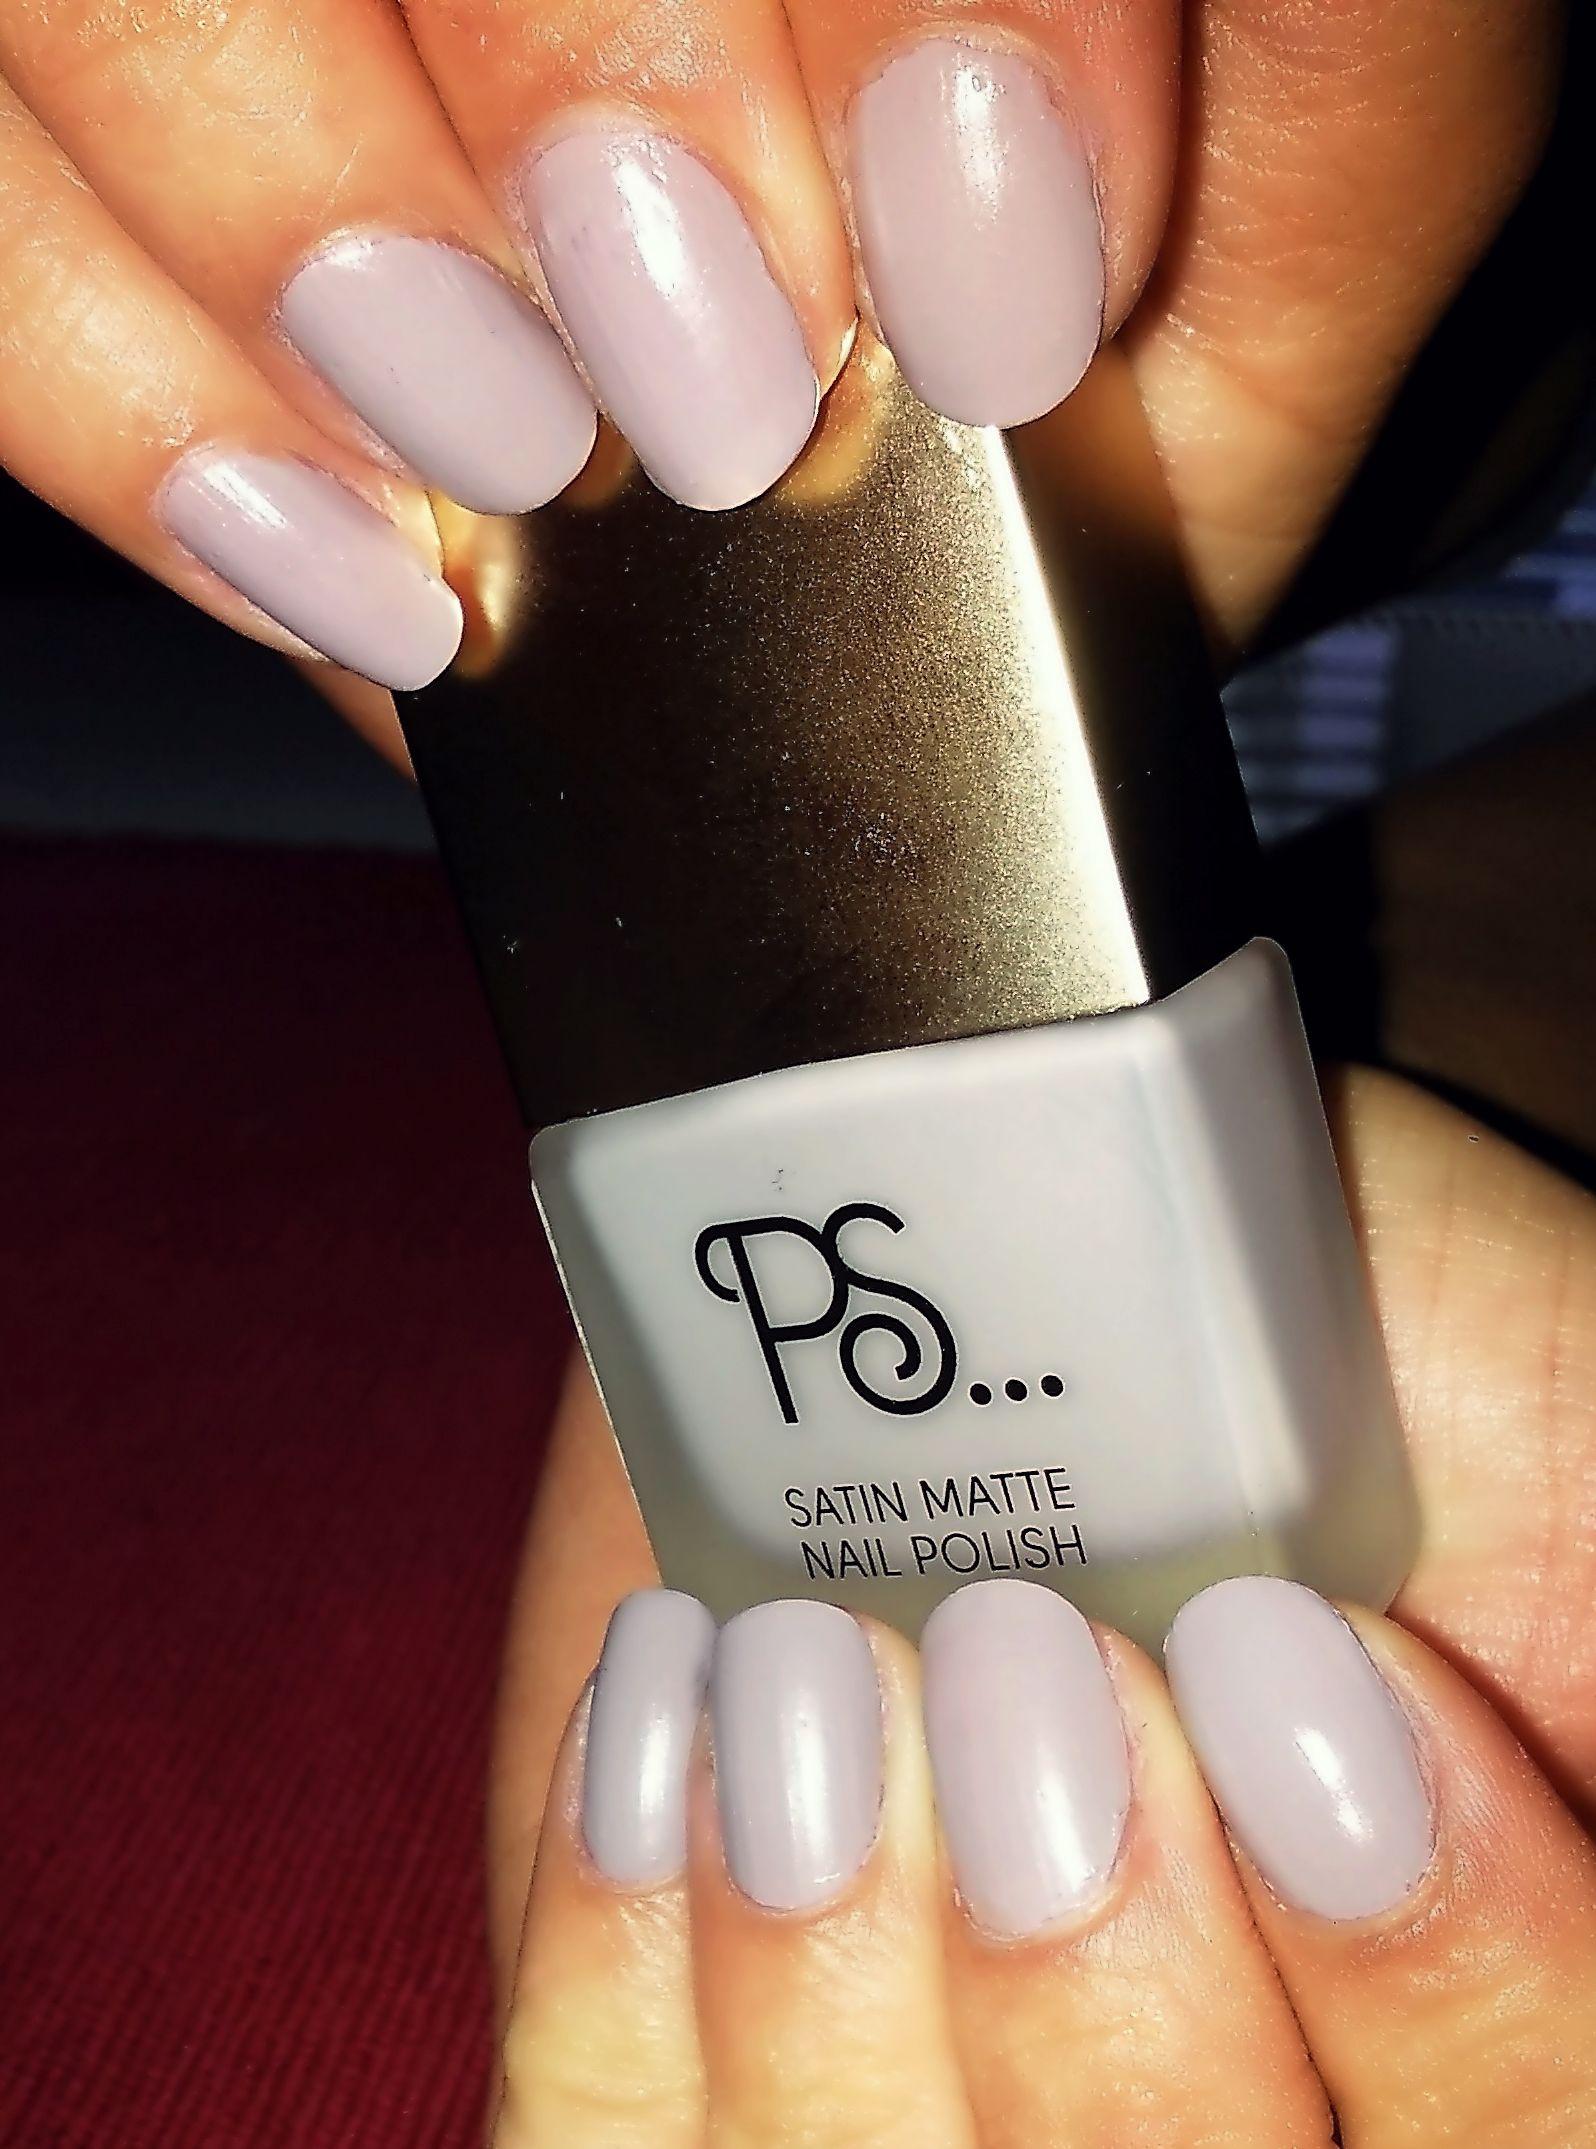 My Nails Ps Satin Matte Nail Polish I Love It 3